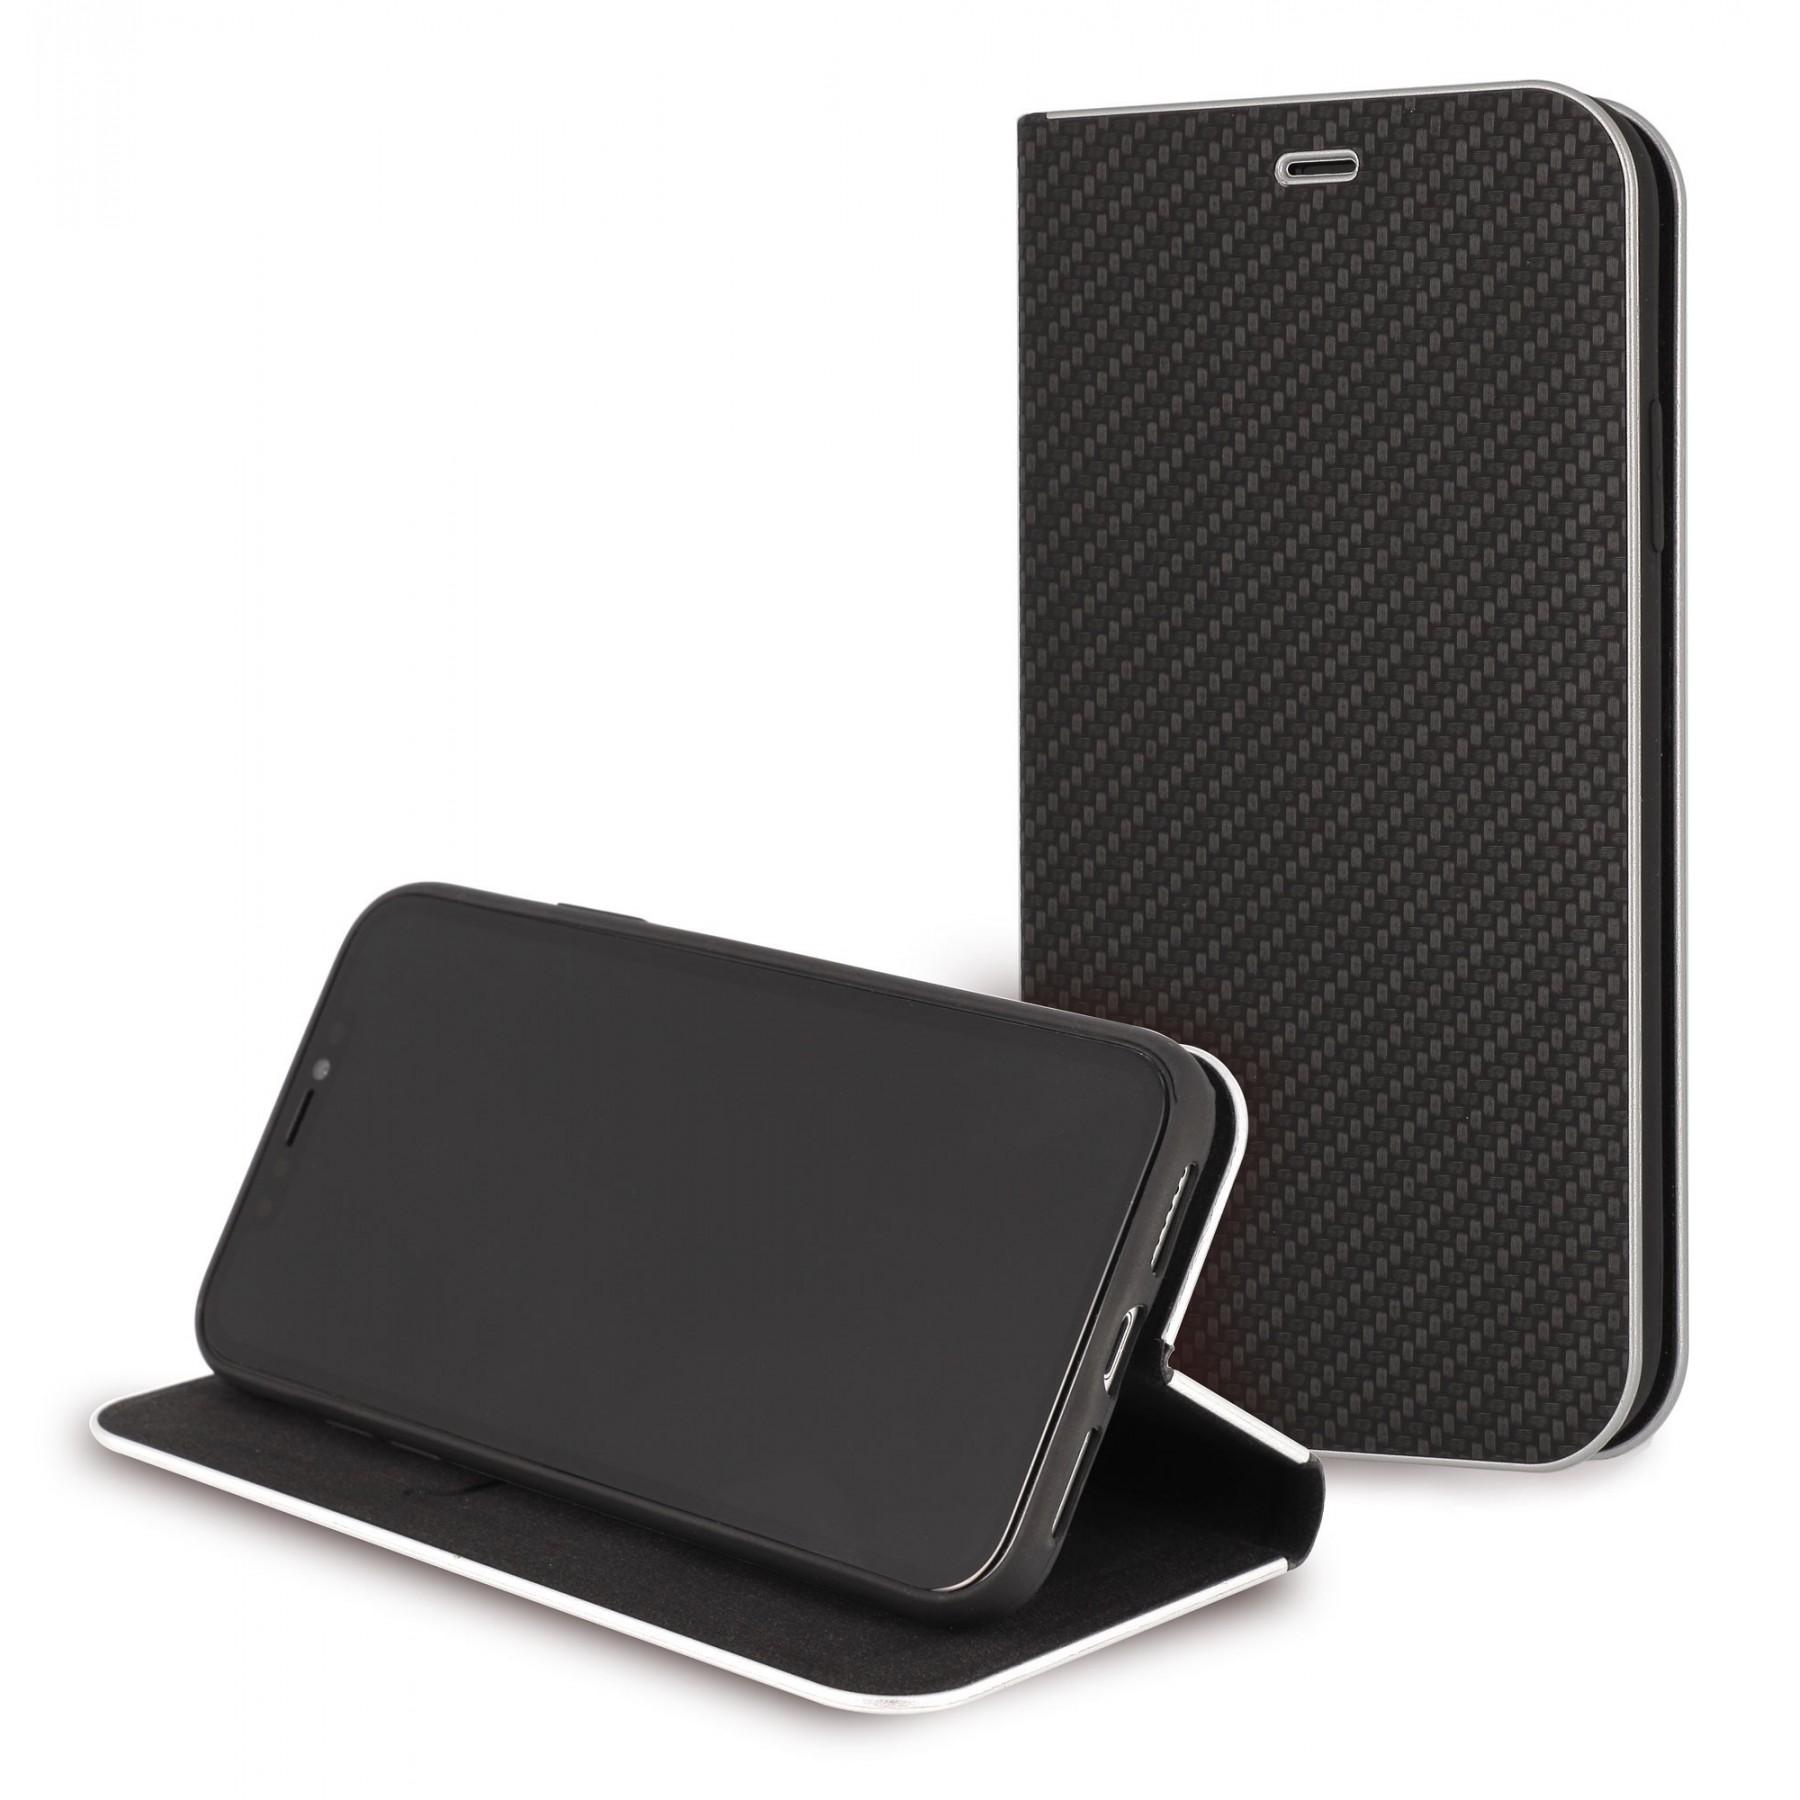 Etui à clapet Folio carbone Noir pour apple iphone 5S iphone SE